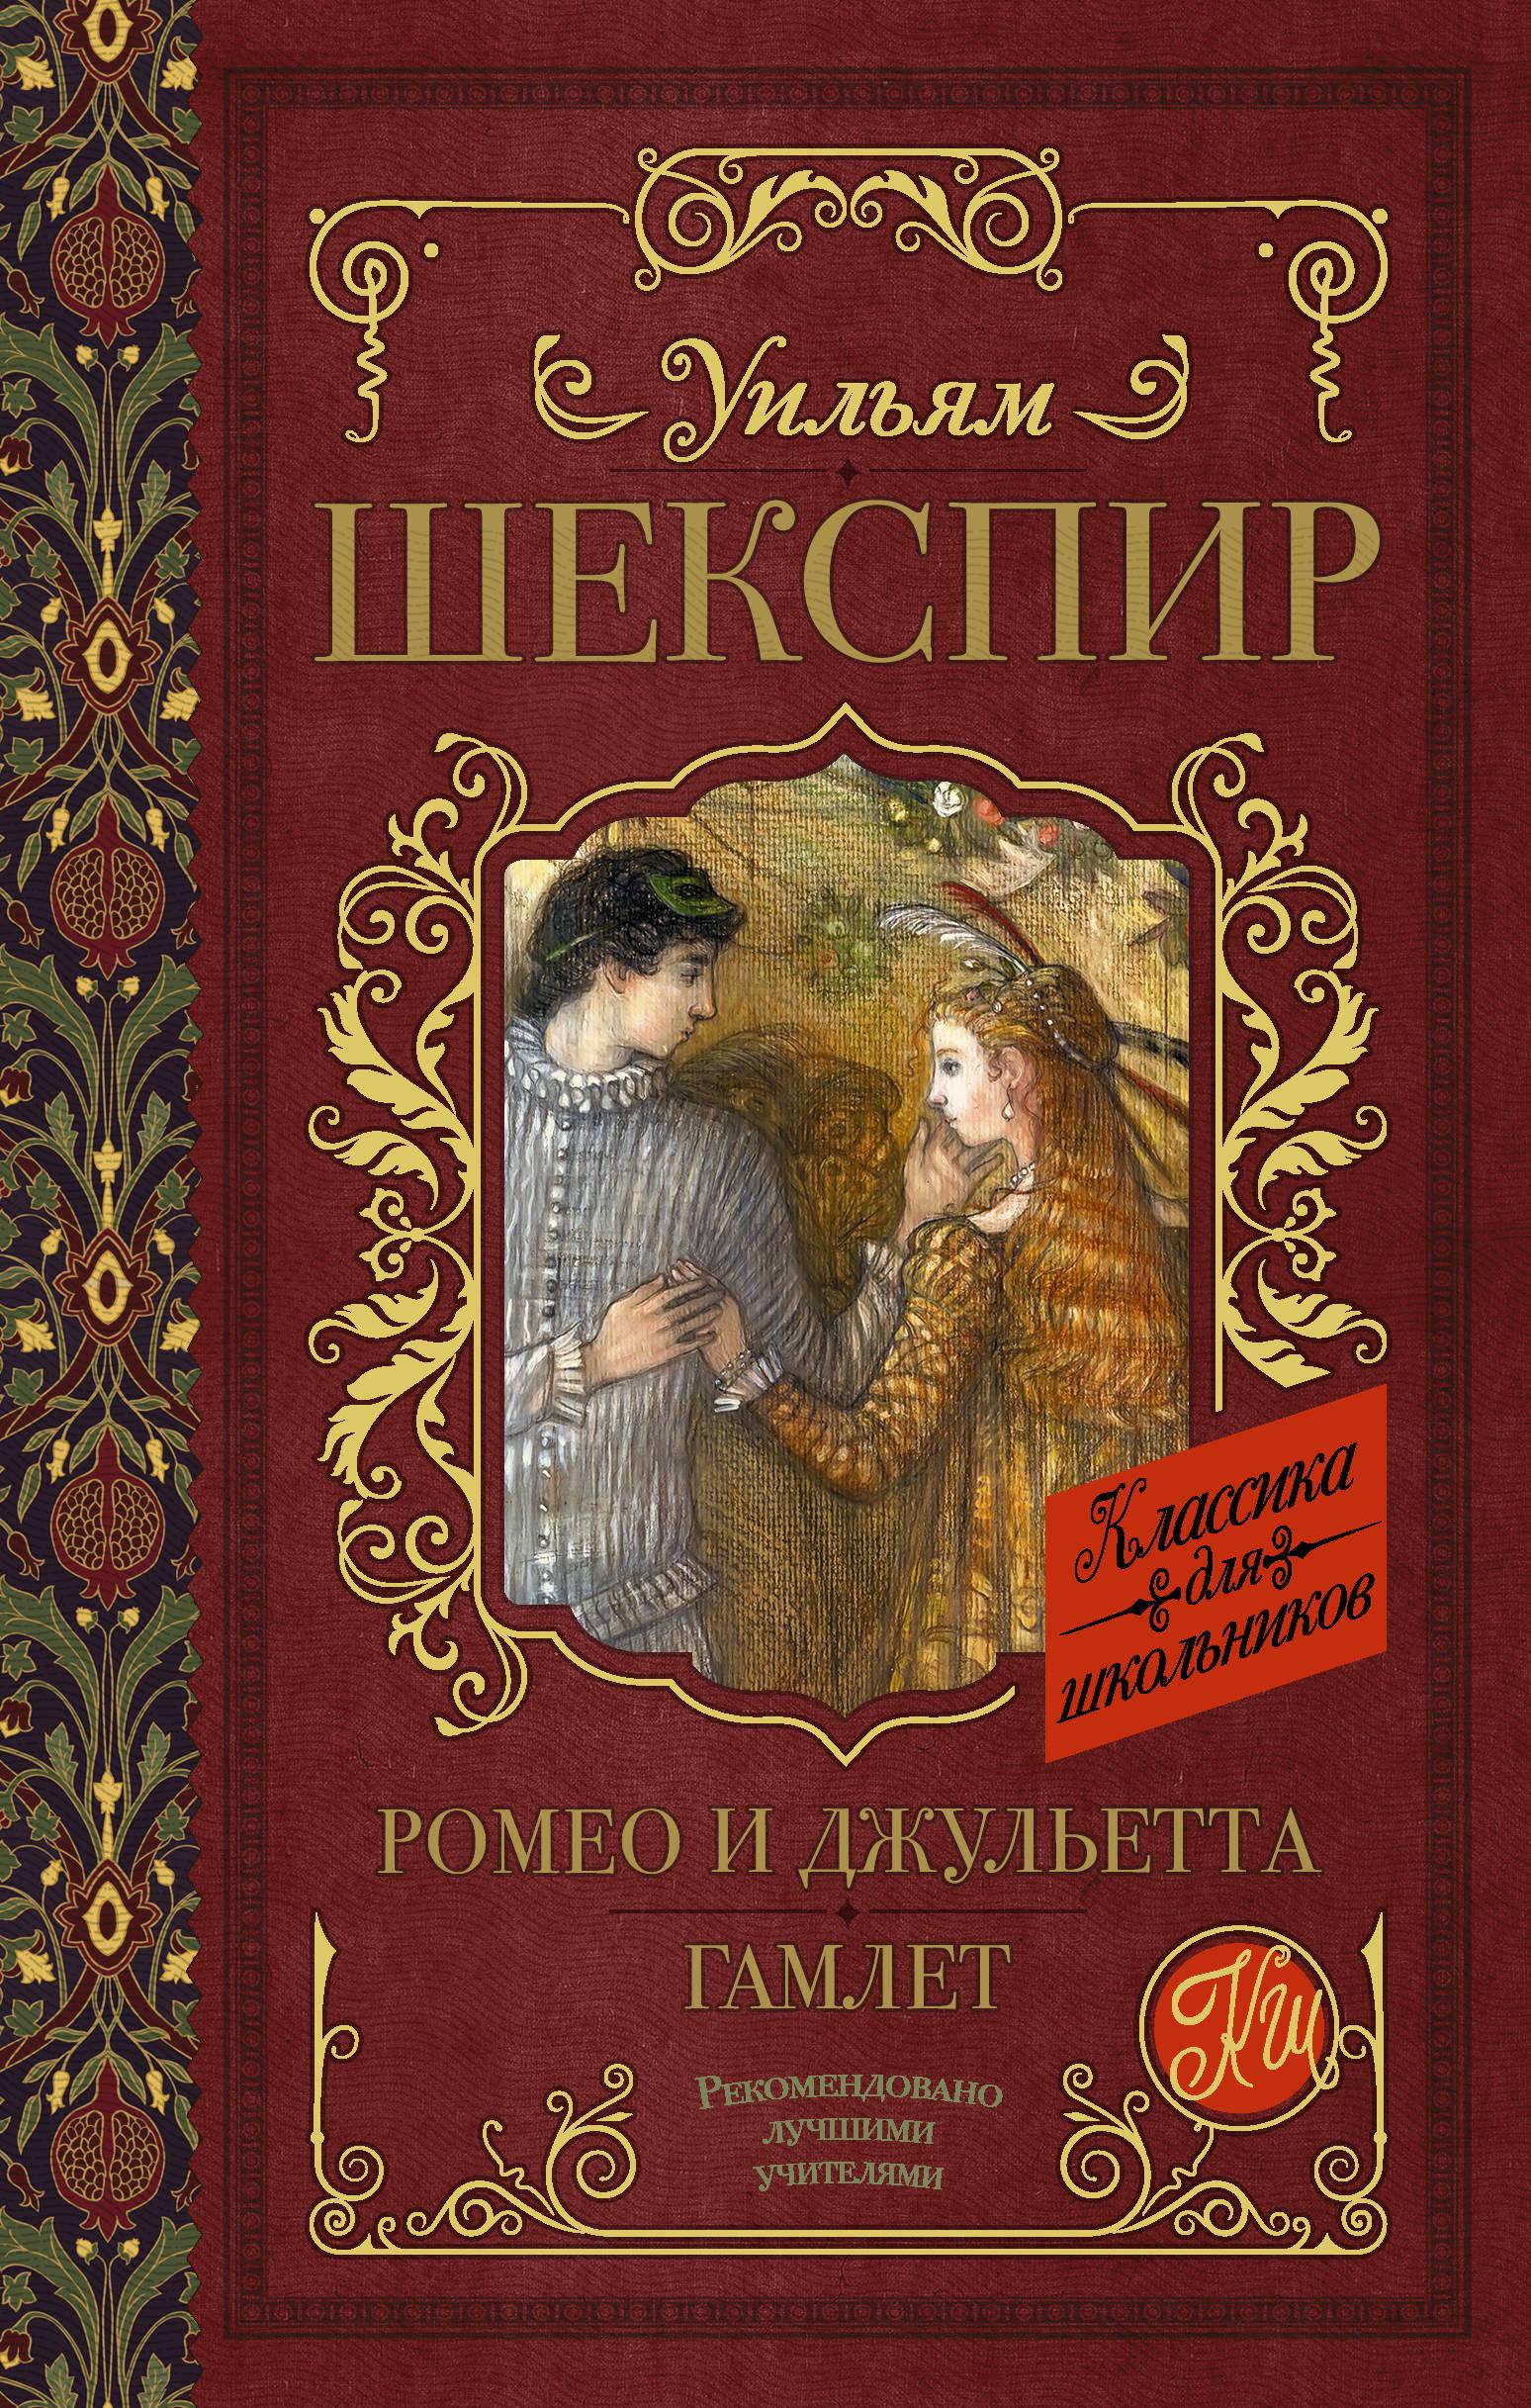 Шекспир Уильям Ромео и Джульетта. Гамлет